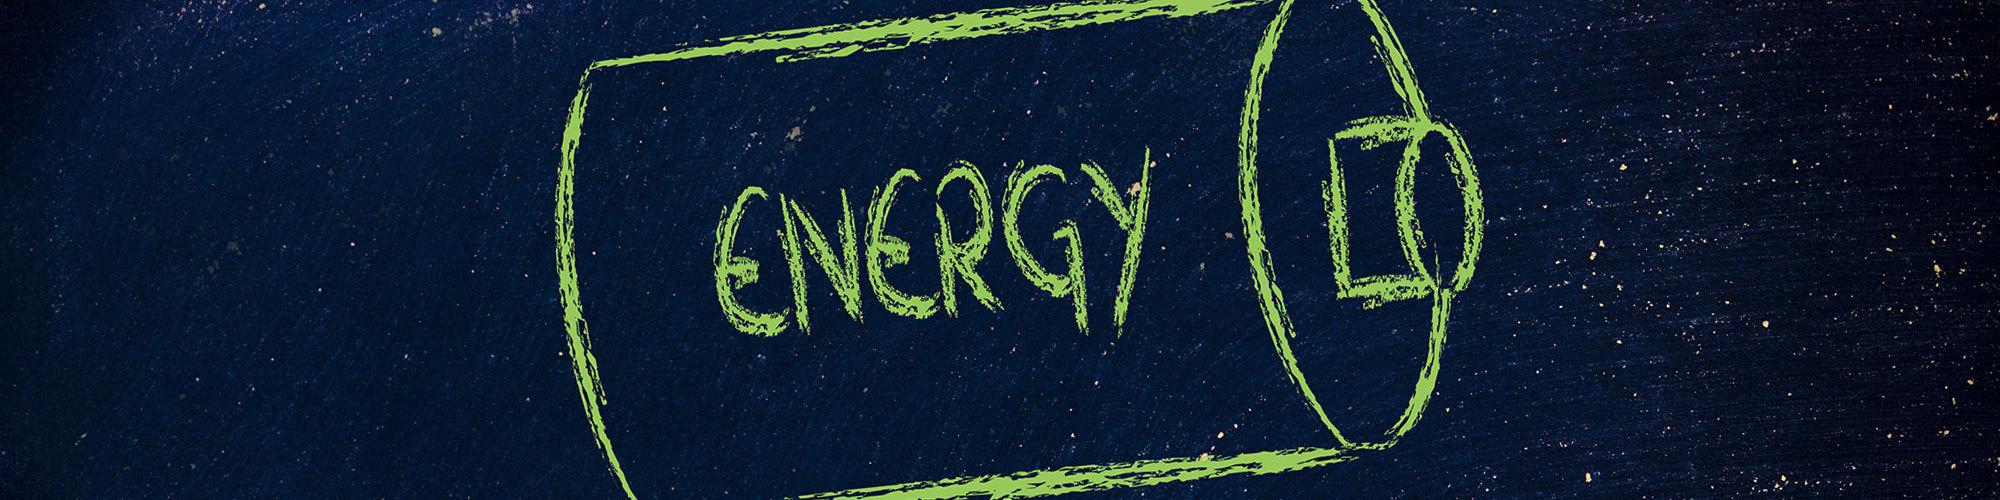 Energie header 0